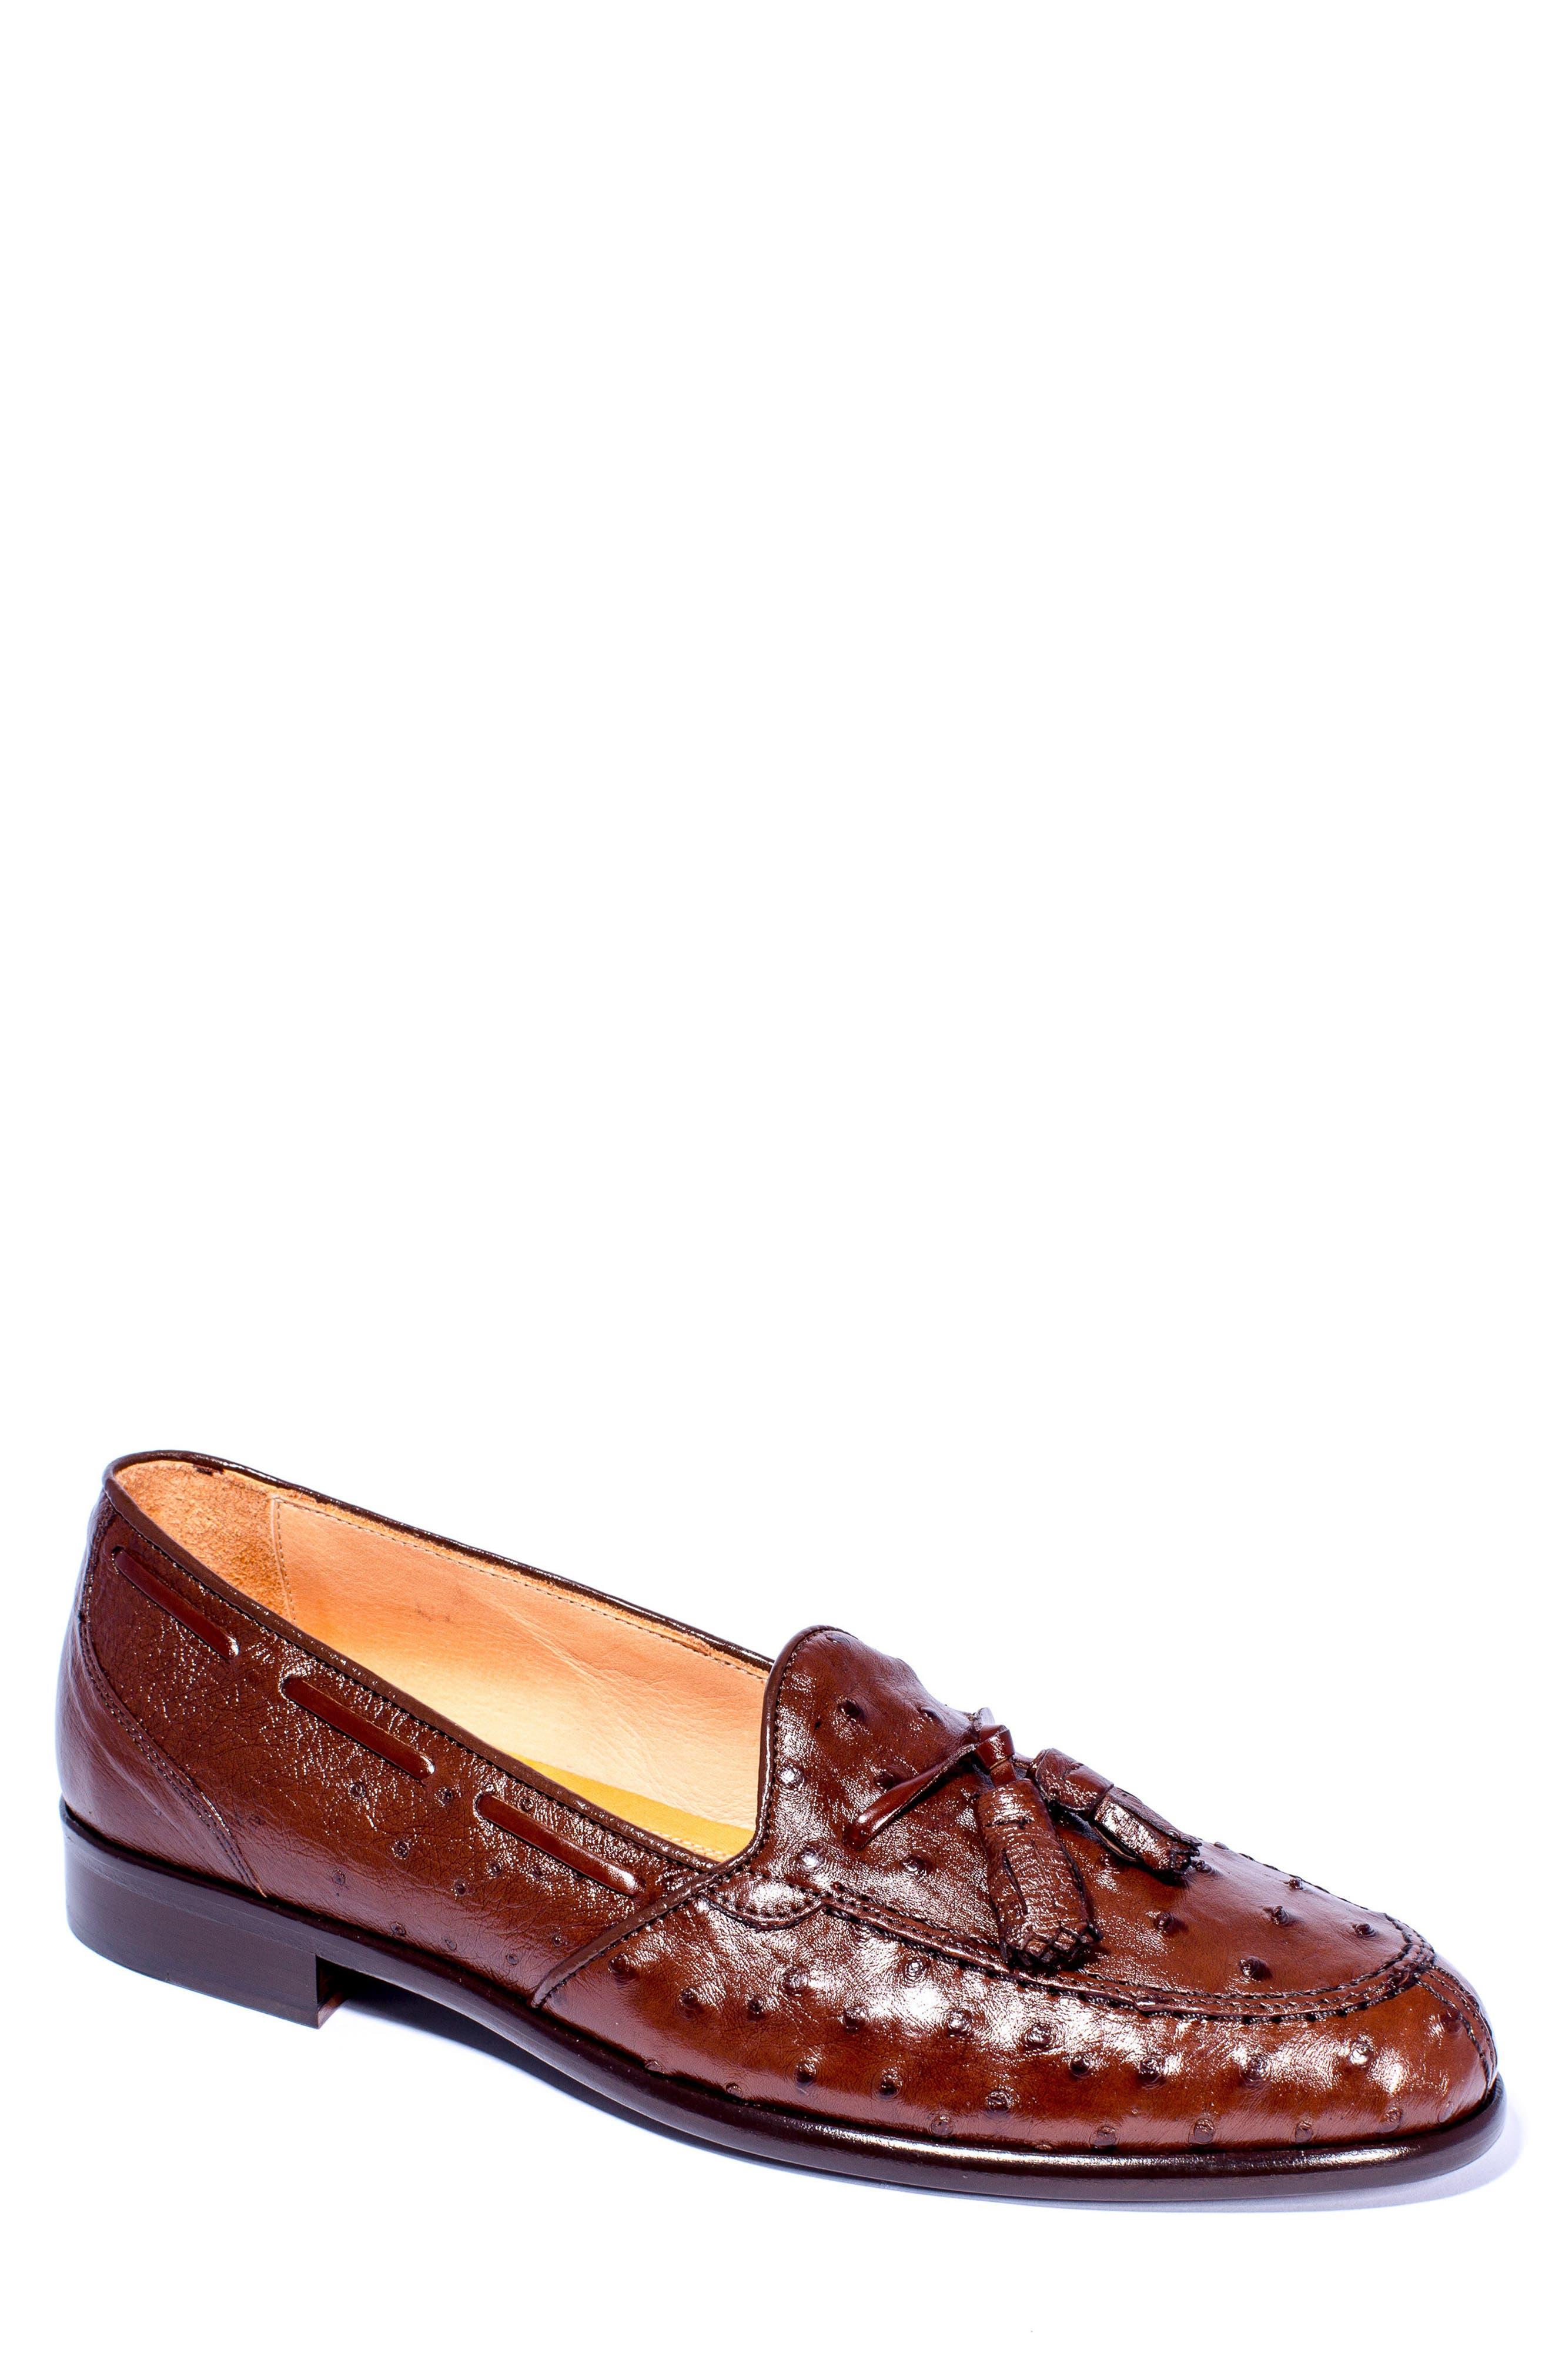 Main Image - Zelli Franco Tassel Exotic Leather Loafer (Men)